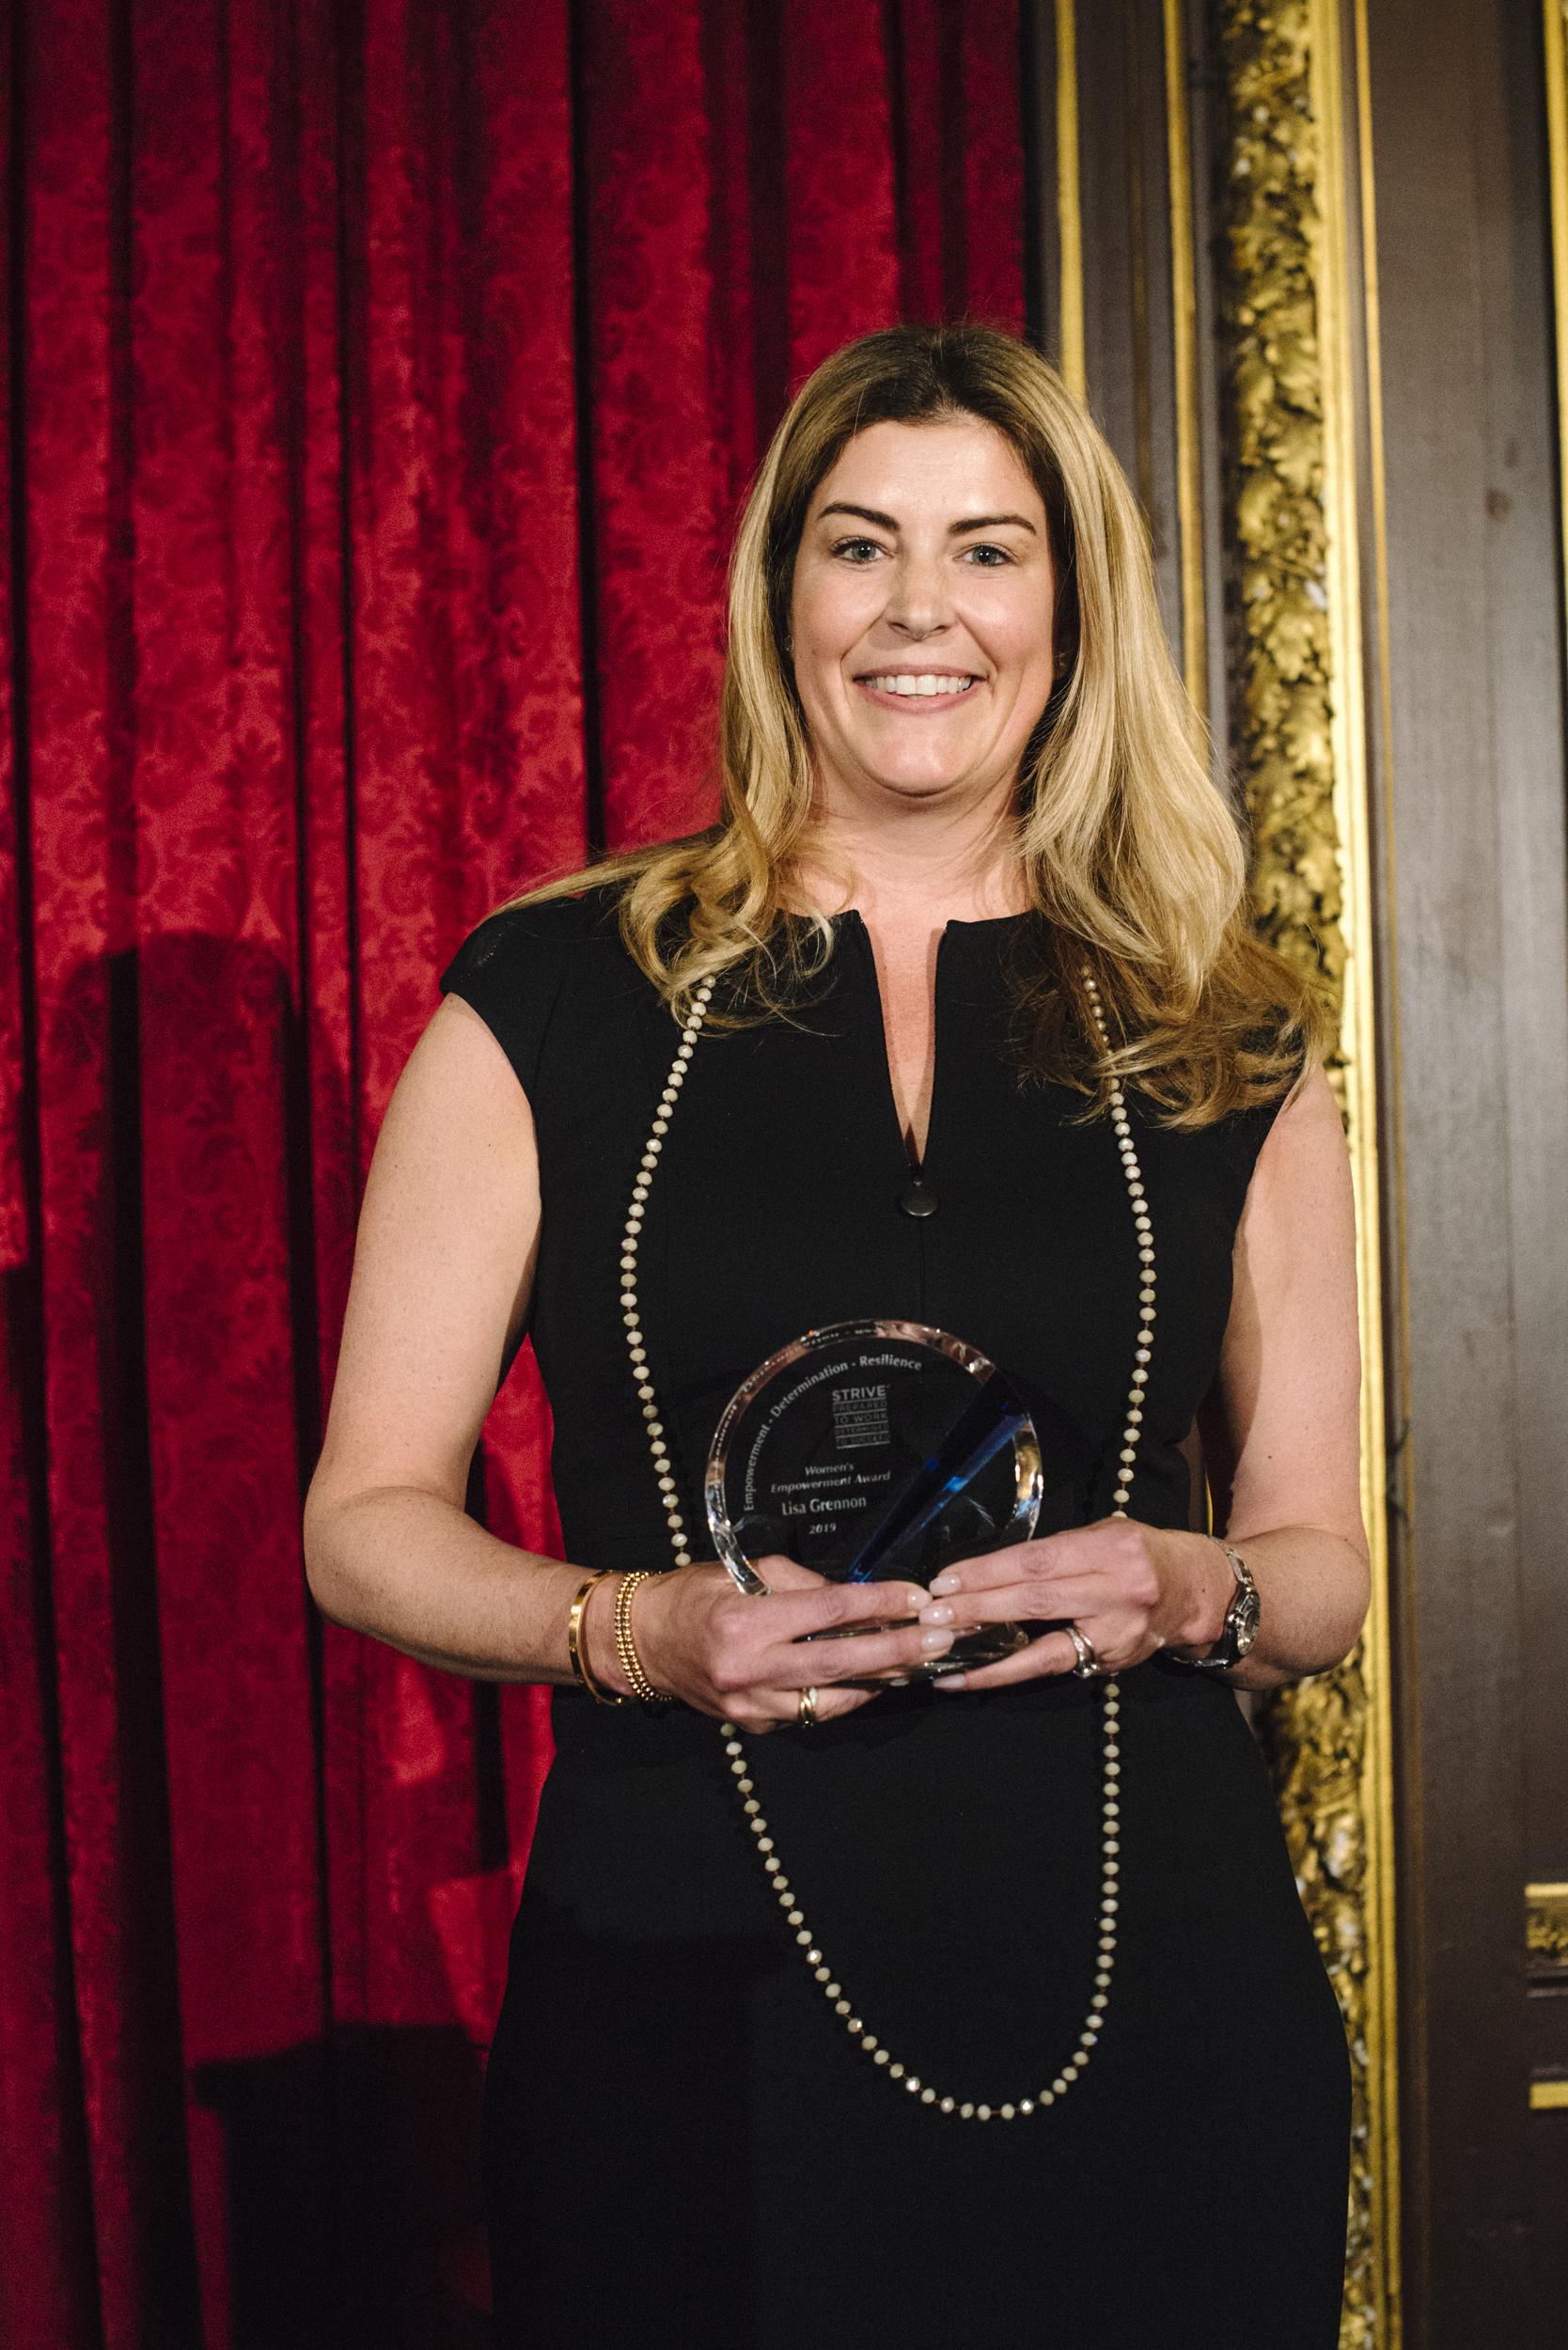 Lisa with Award - Copy.jpg